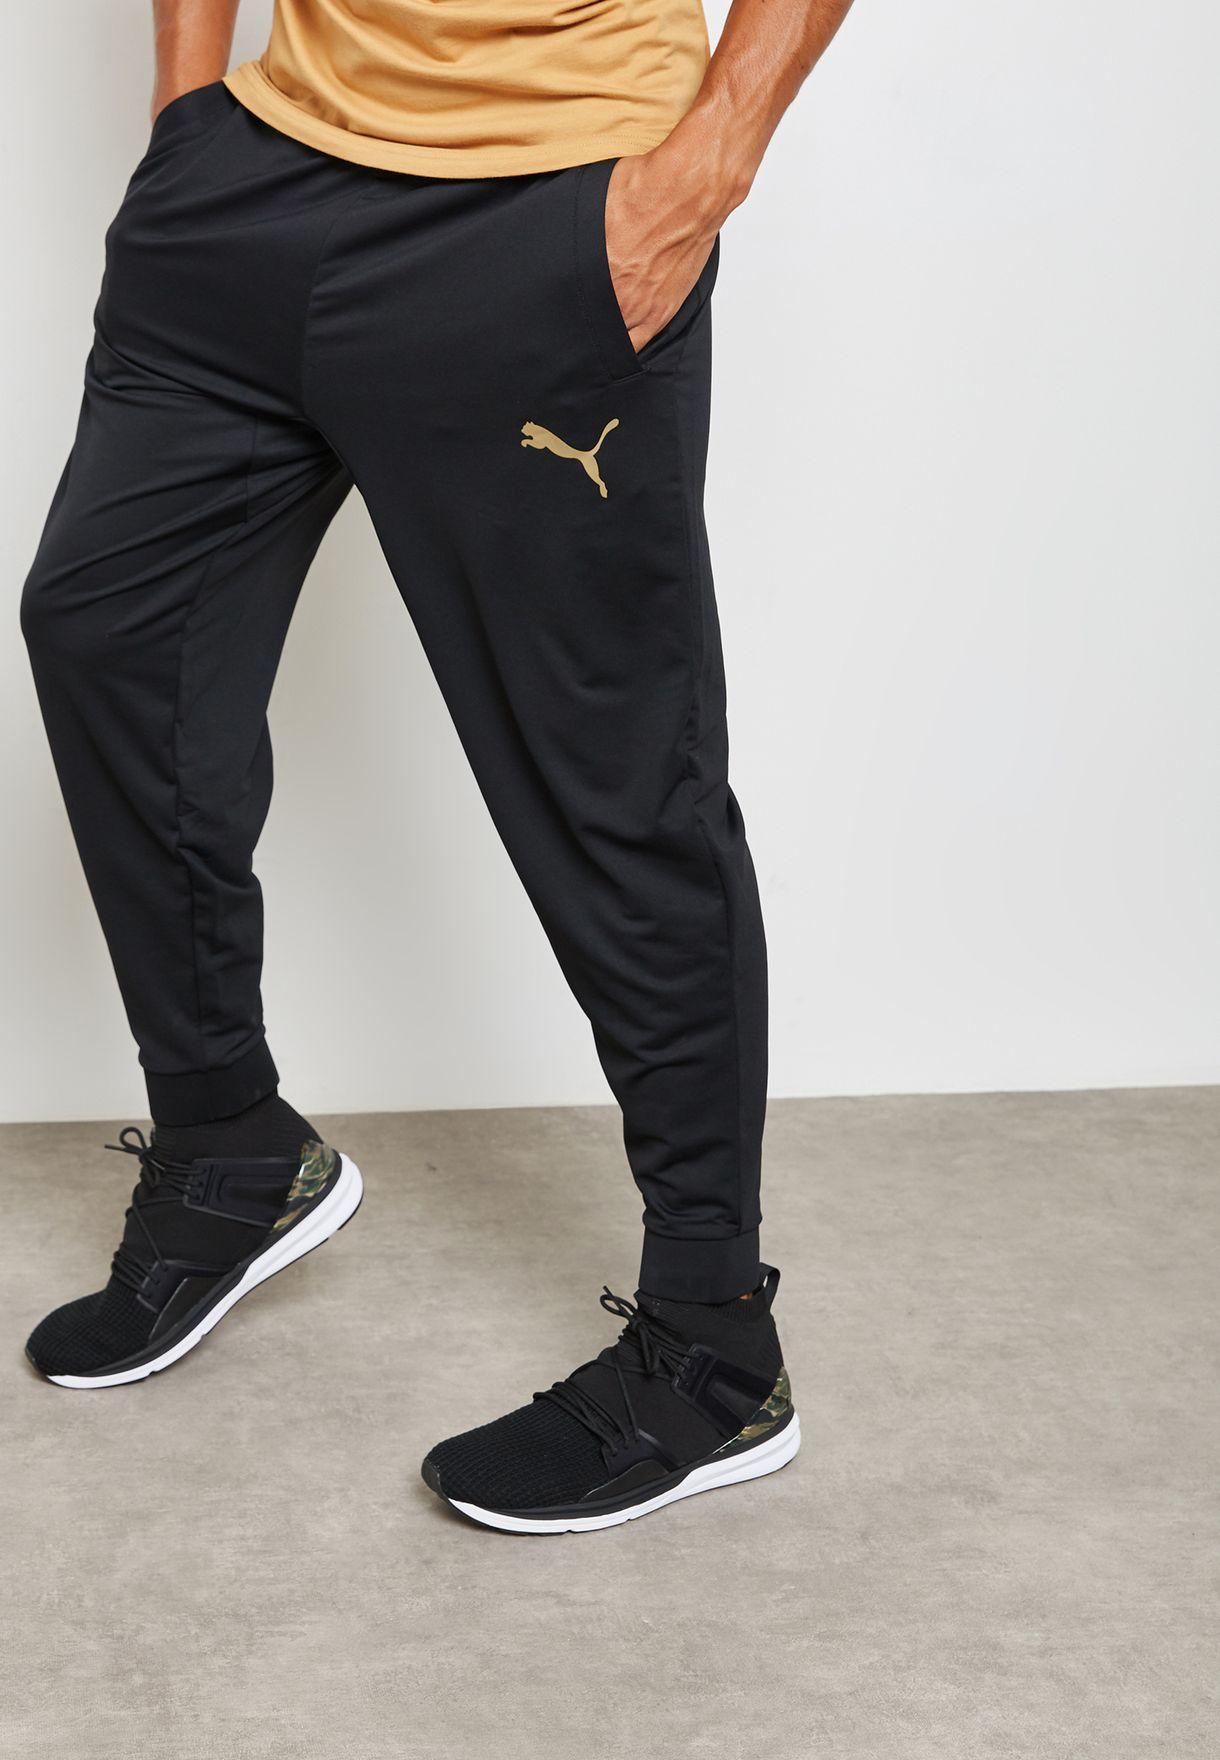 8e753dbc392c Shop PUMA black Tech Fleece Sweatpants 51657501 for Men in Bahrain -  PU020AT60INB